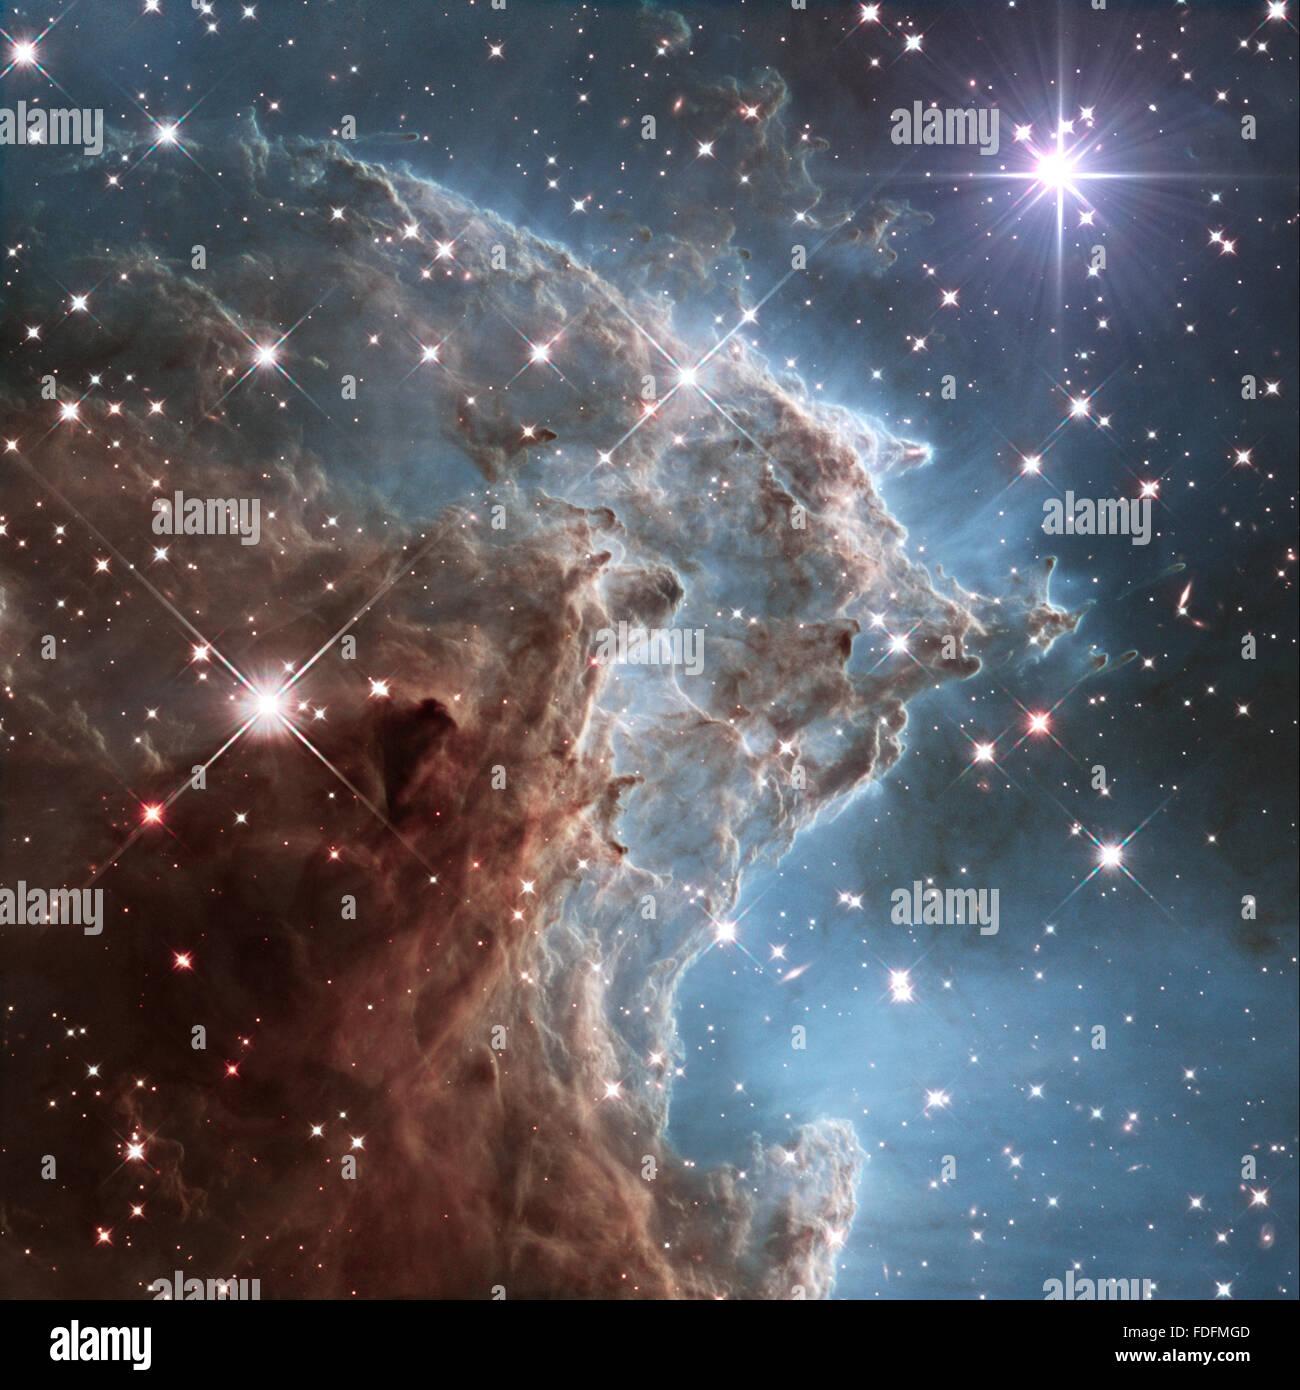 Immagine della NASA grande galassia con la stella della sera Immagini Stock